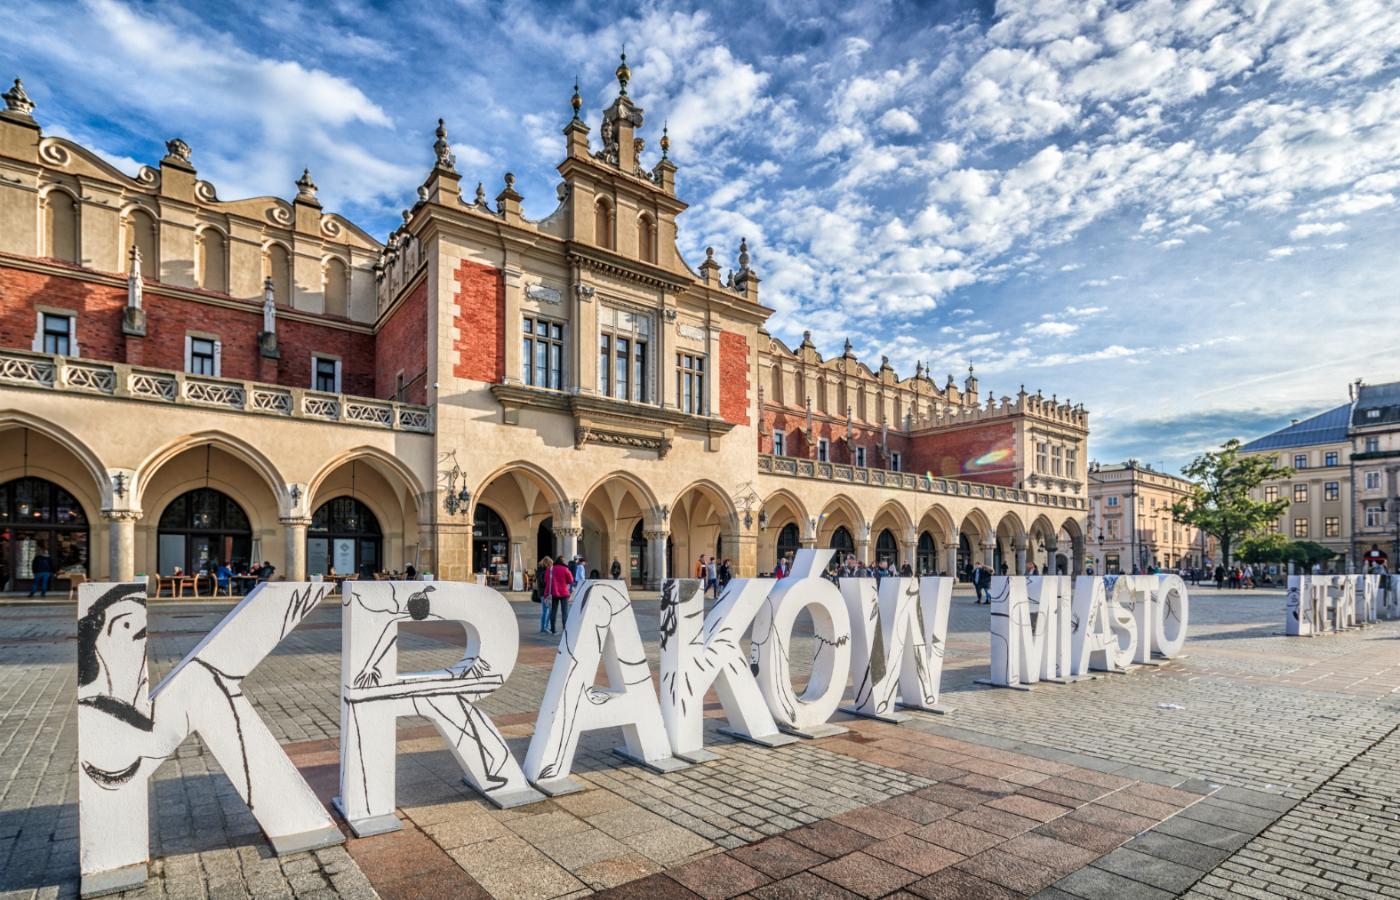 Kraków jedynym takim miastem literatury UNESCO - Polityka.pl